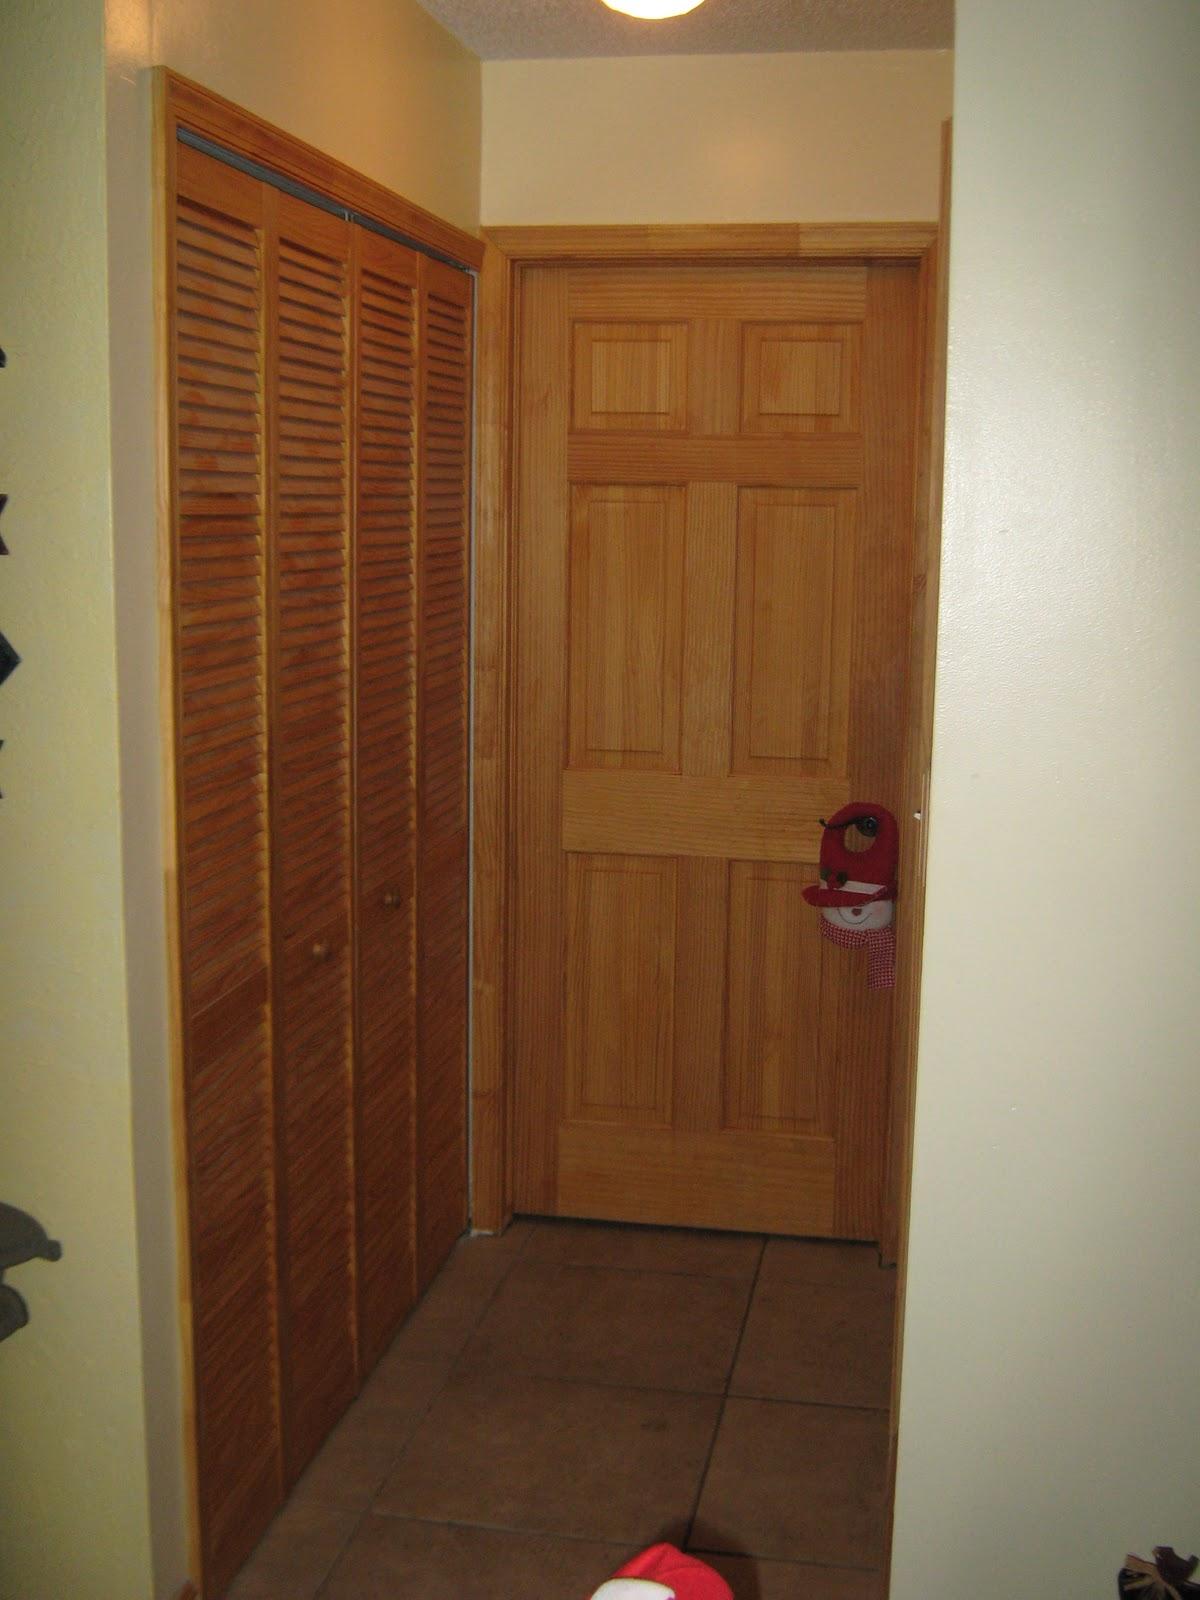 Fernandez cabinet closet de madera con puertas de for Puertas para closet de madera